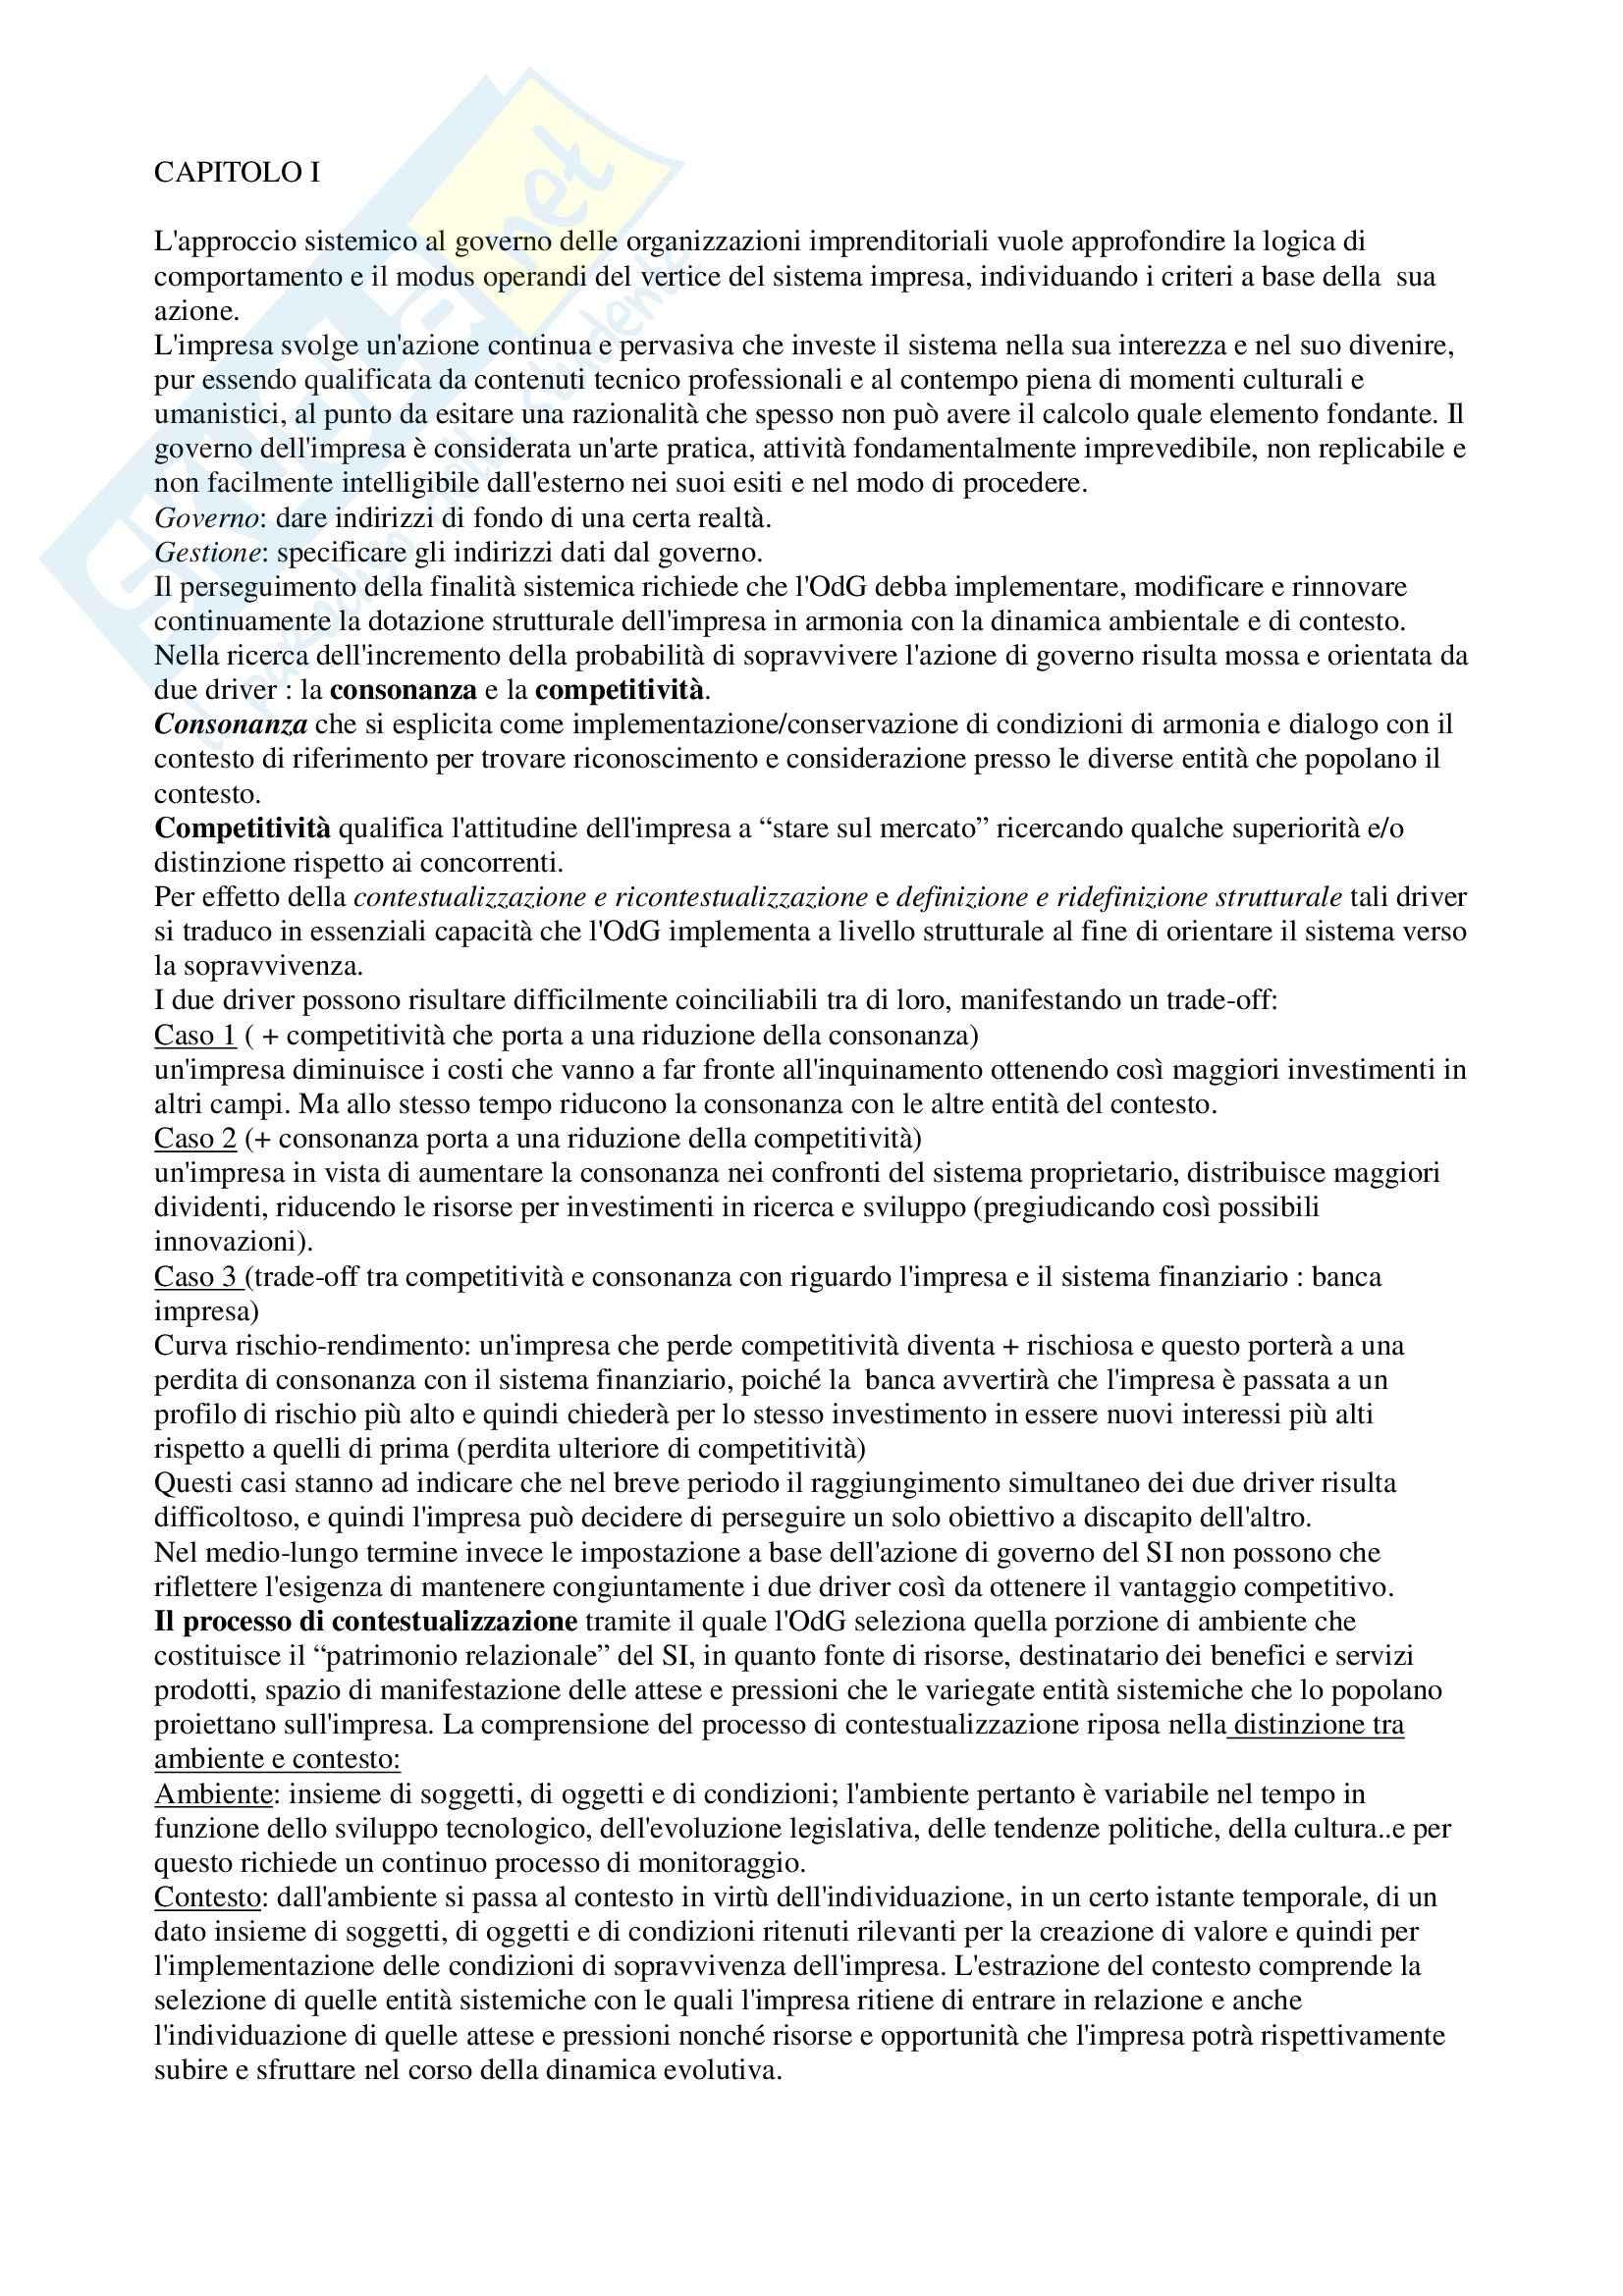 Riassunto esame Gestione delle Imprese, prof. Gatti, libro consigliato L'Approccio Sistemico Vitale al Governo dell'Impresa, Golinelli